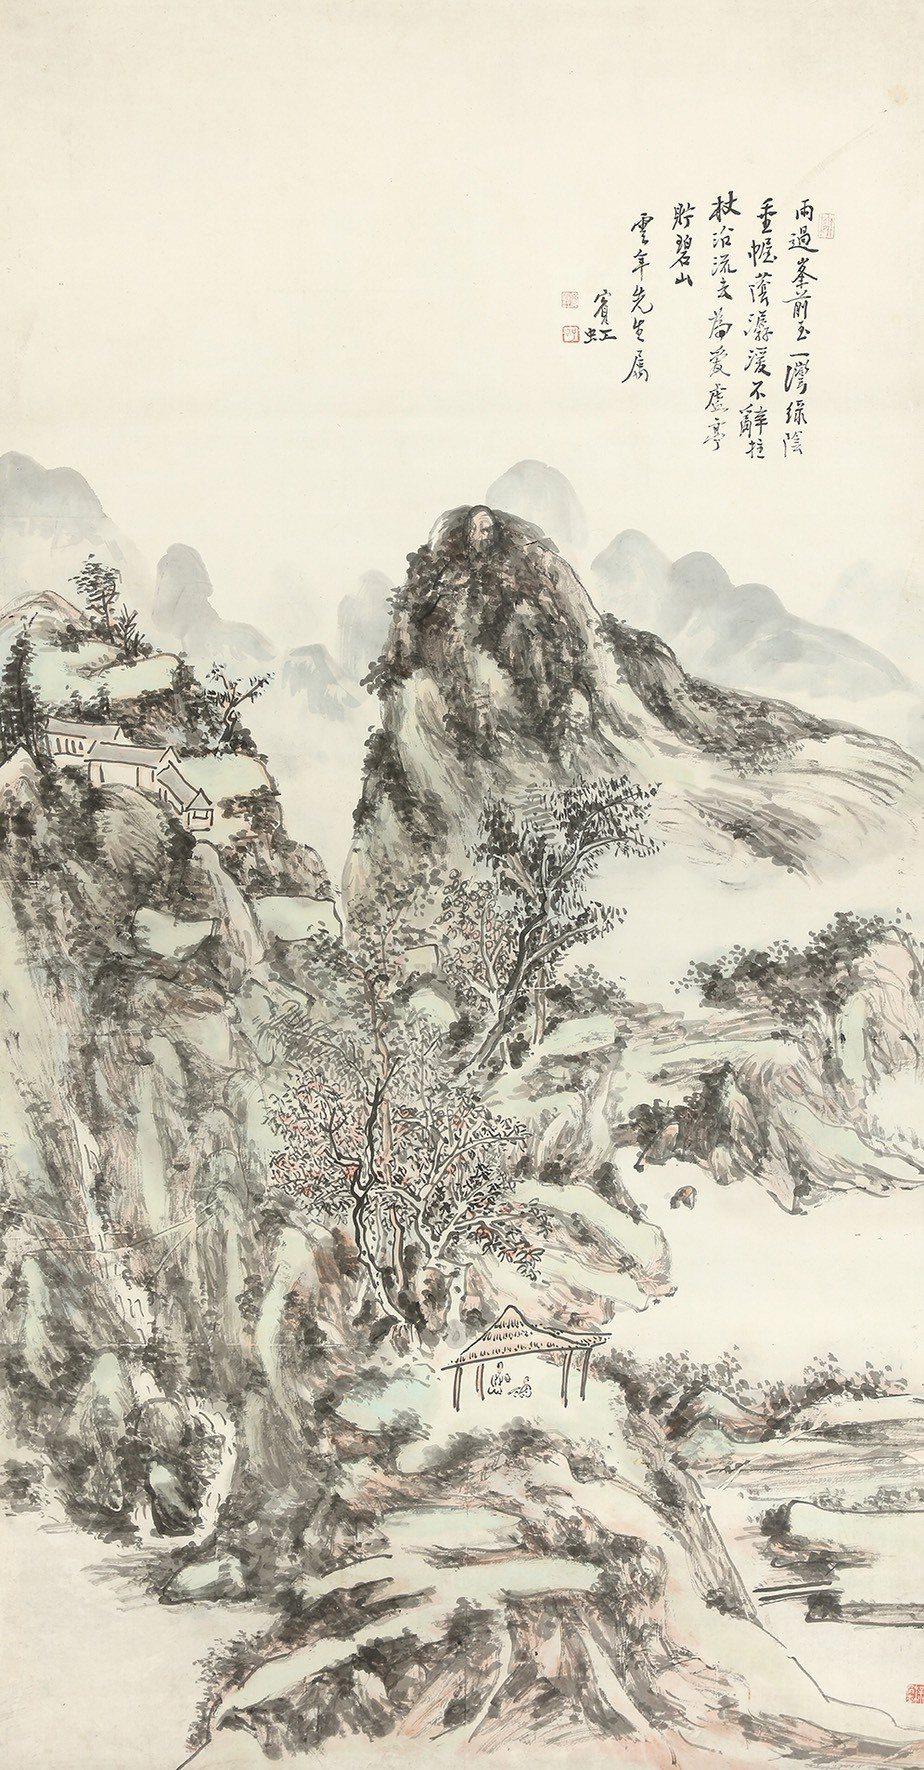 安德昇2019年拍賣一代山水畫大師黃賓虹作品「山水」,成交價805萬元。安德昇/...